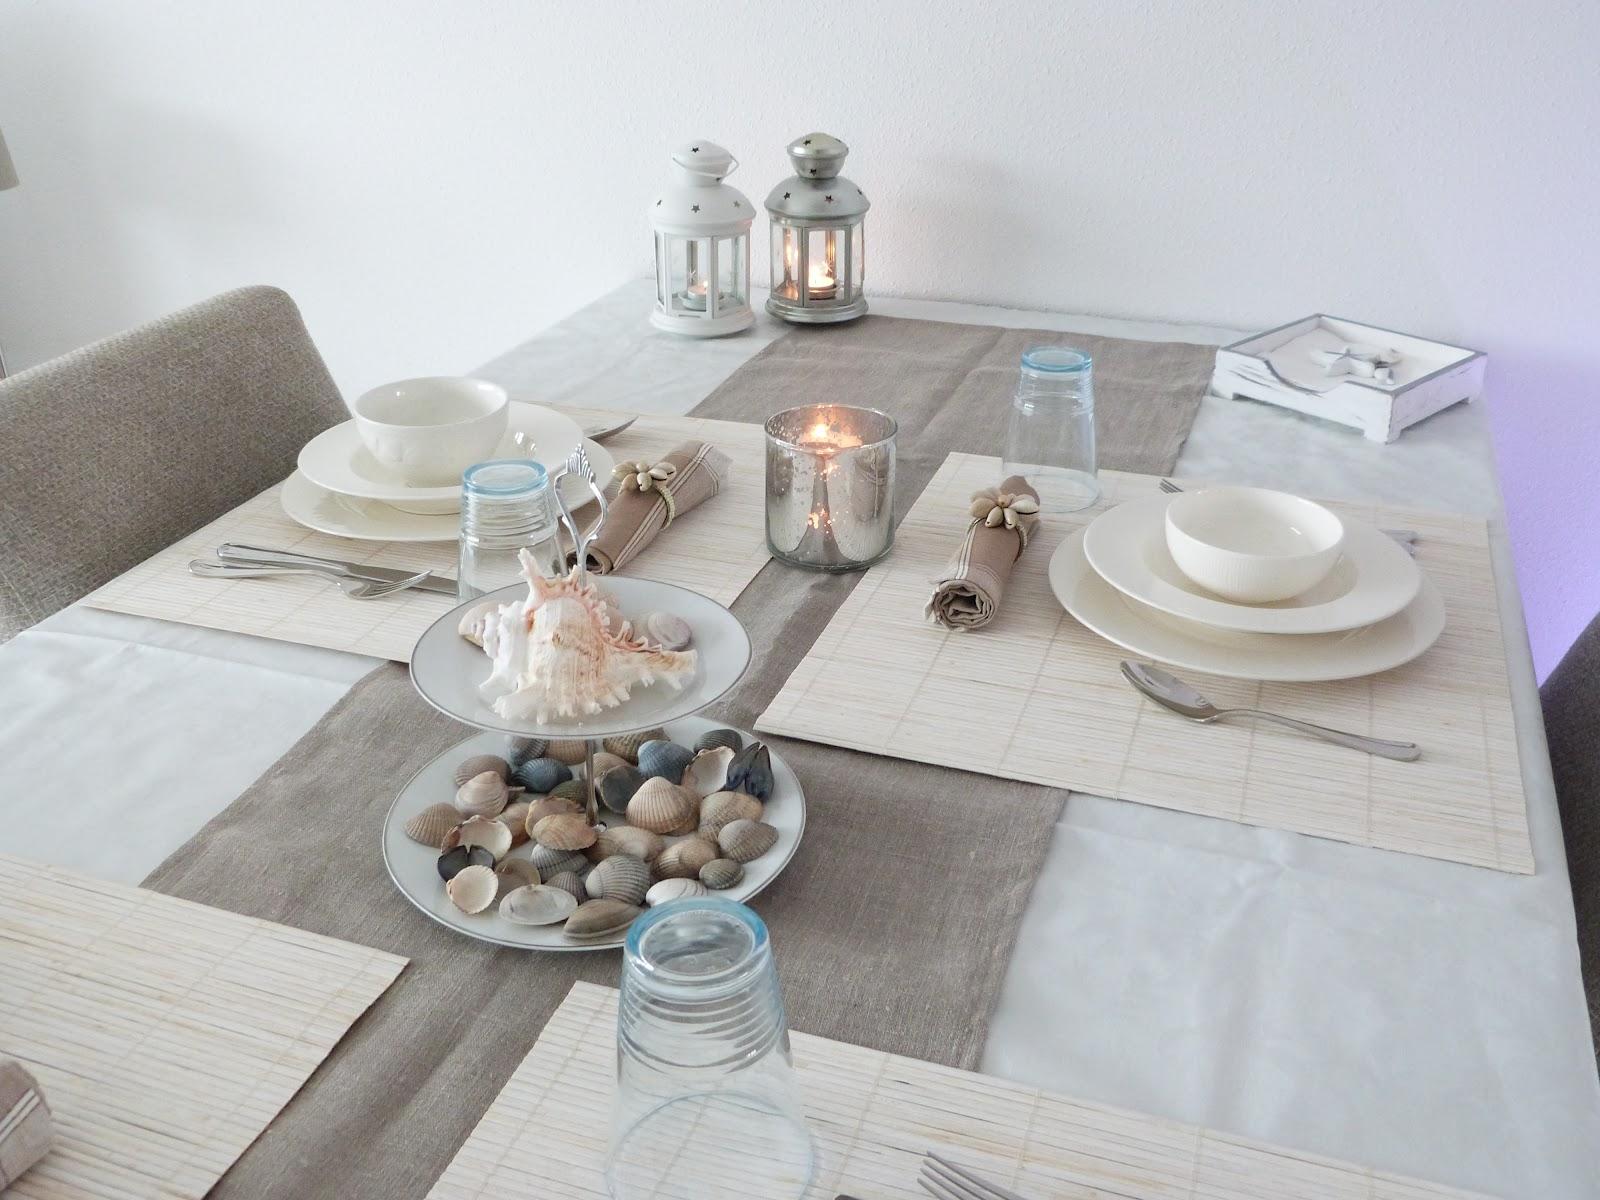 Ikea glazen tafel rond : ikea badkamerkast hout. ikea badkamer ...